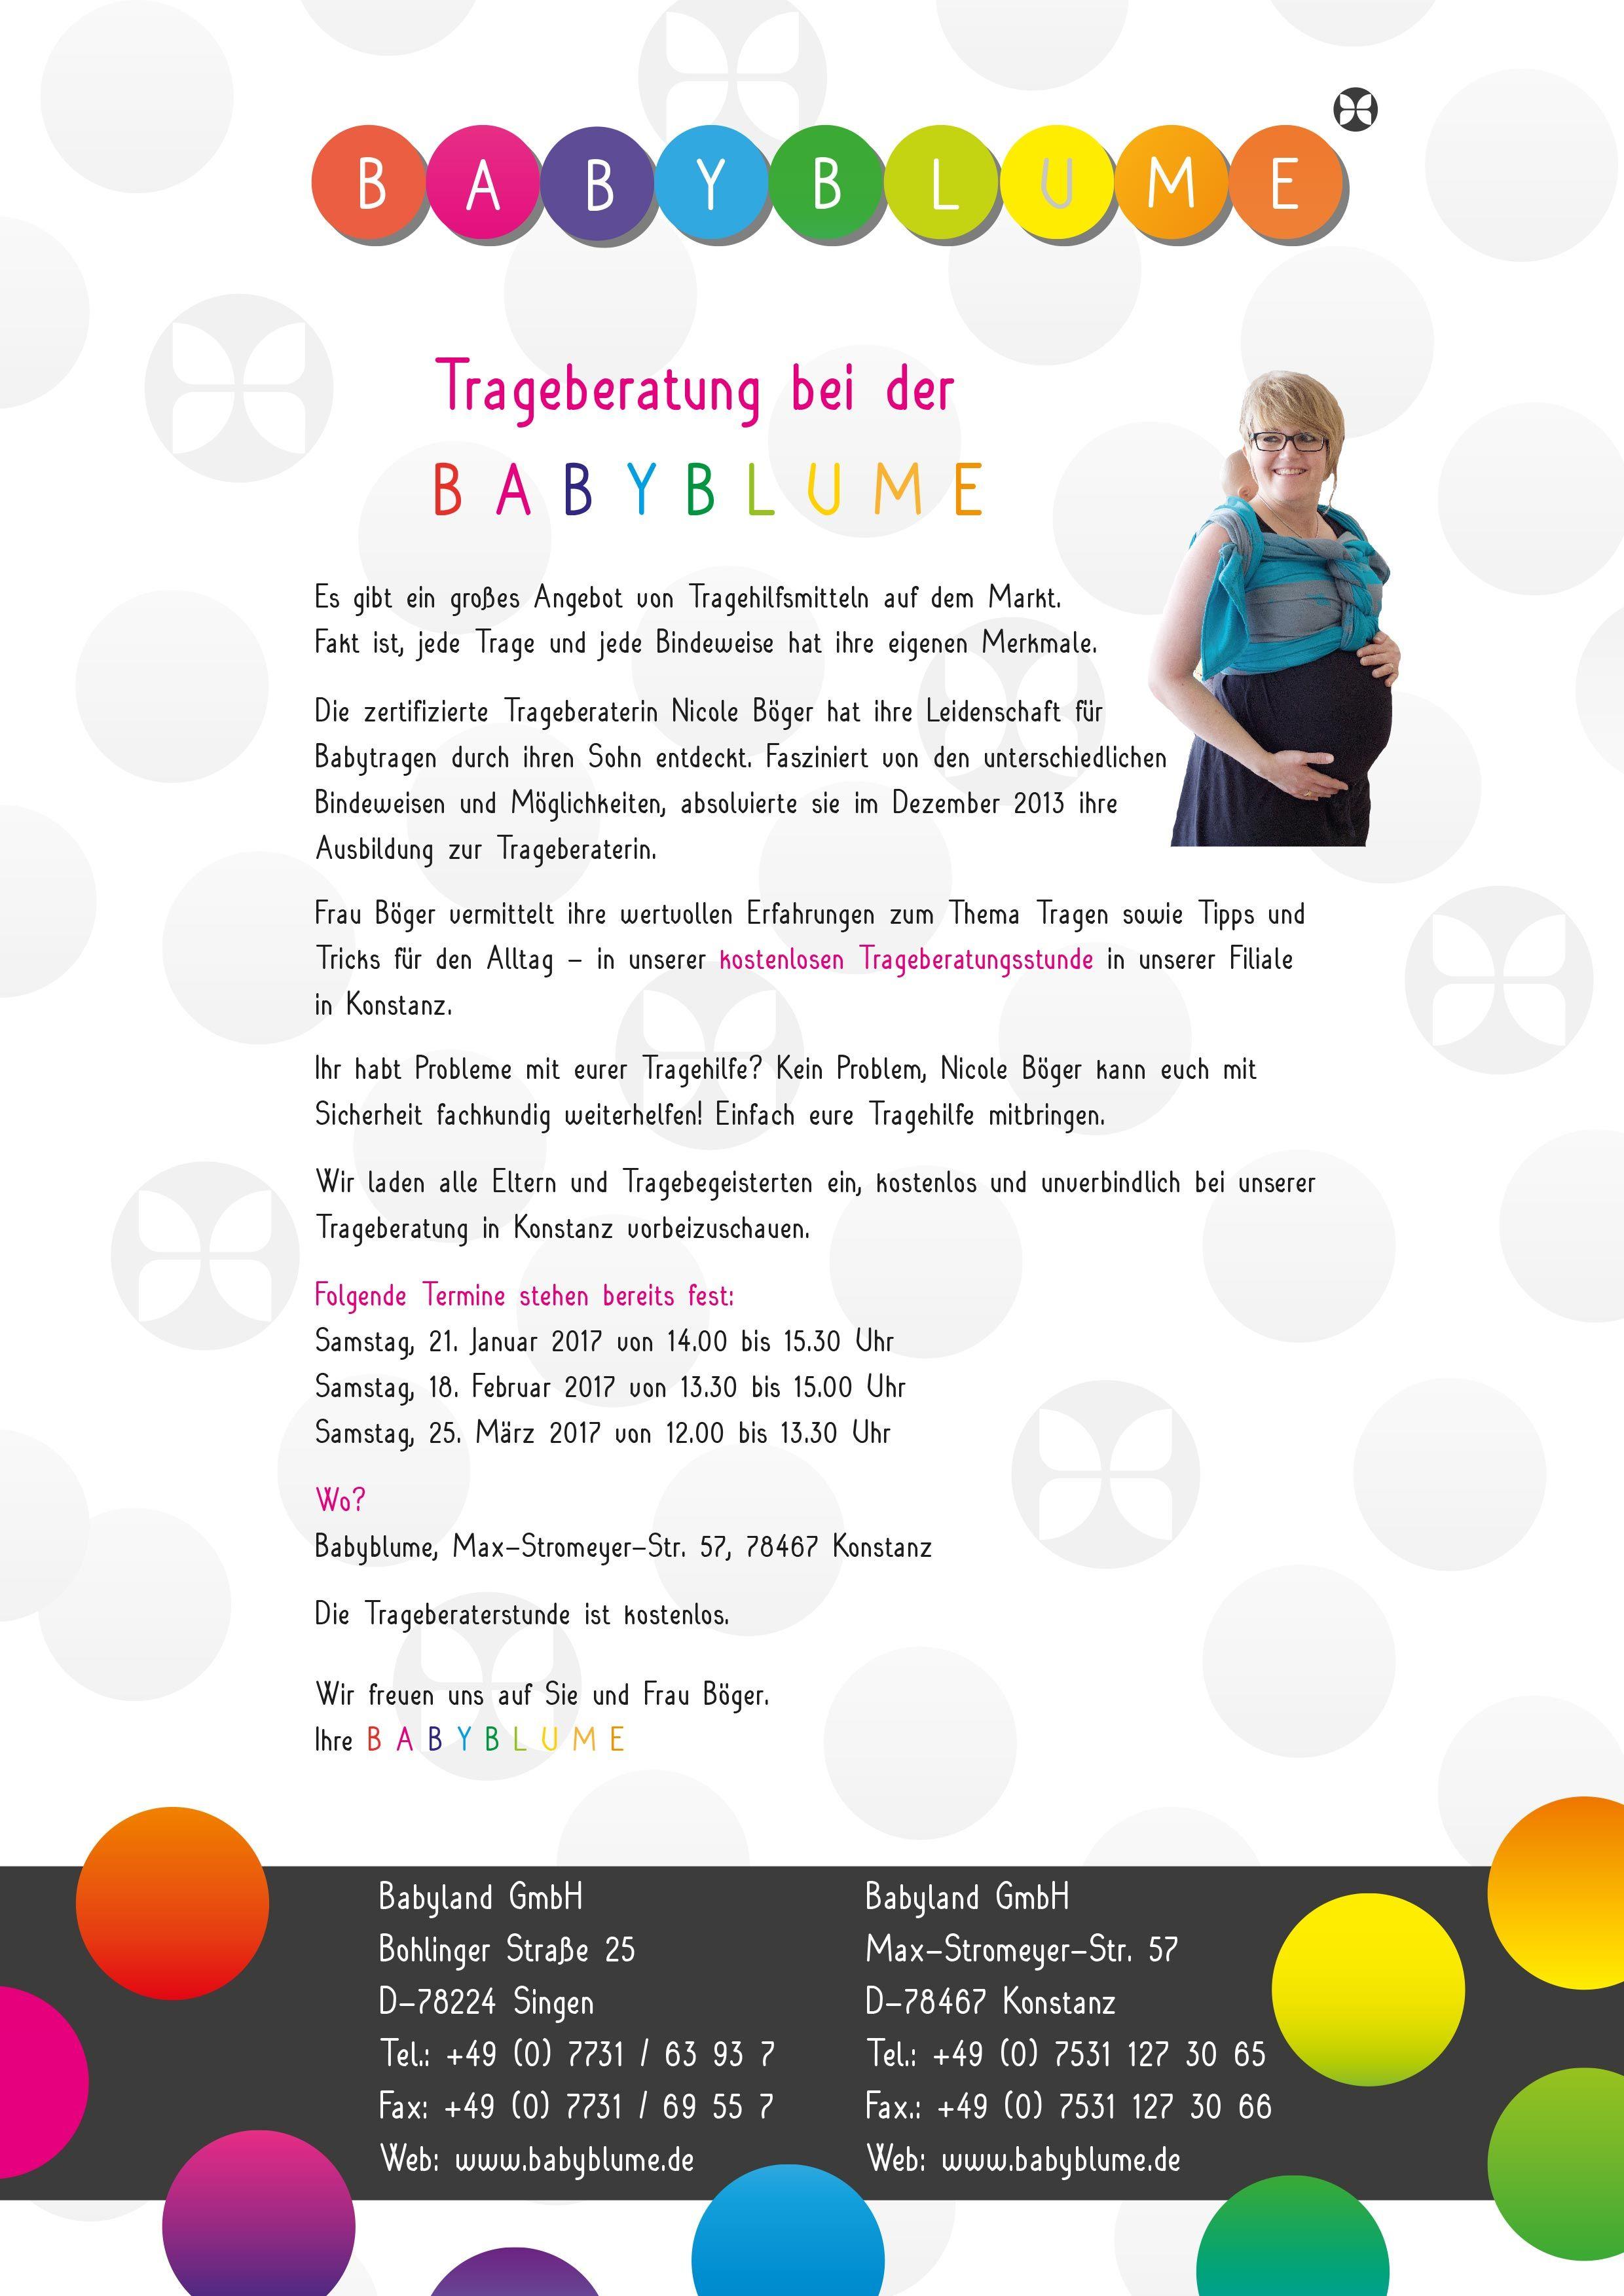 Konstanz Kinderladen trageberatung bei der babyblume in konstanz hier sind die ersten